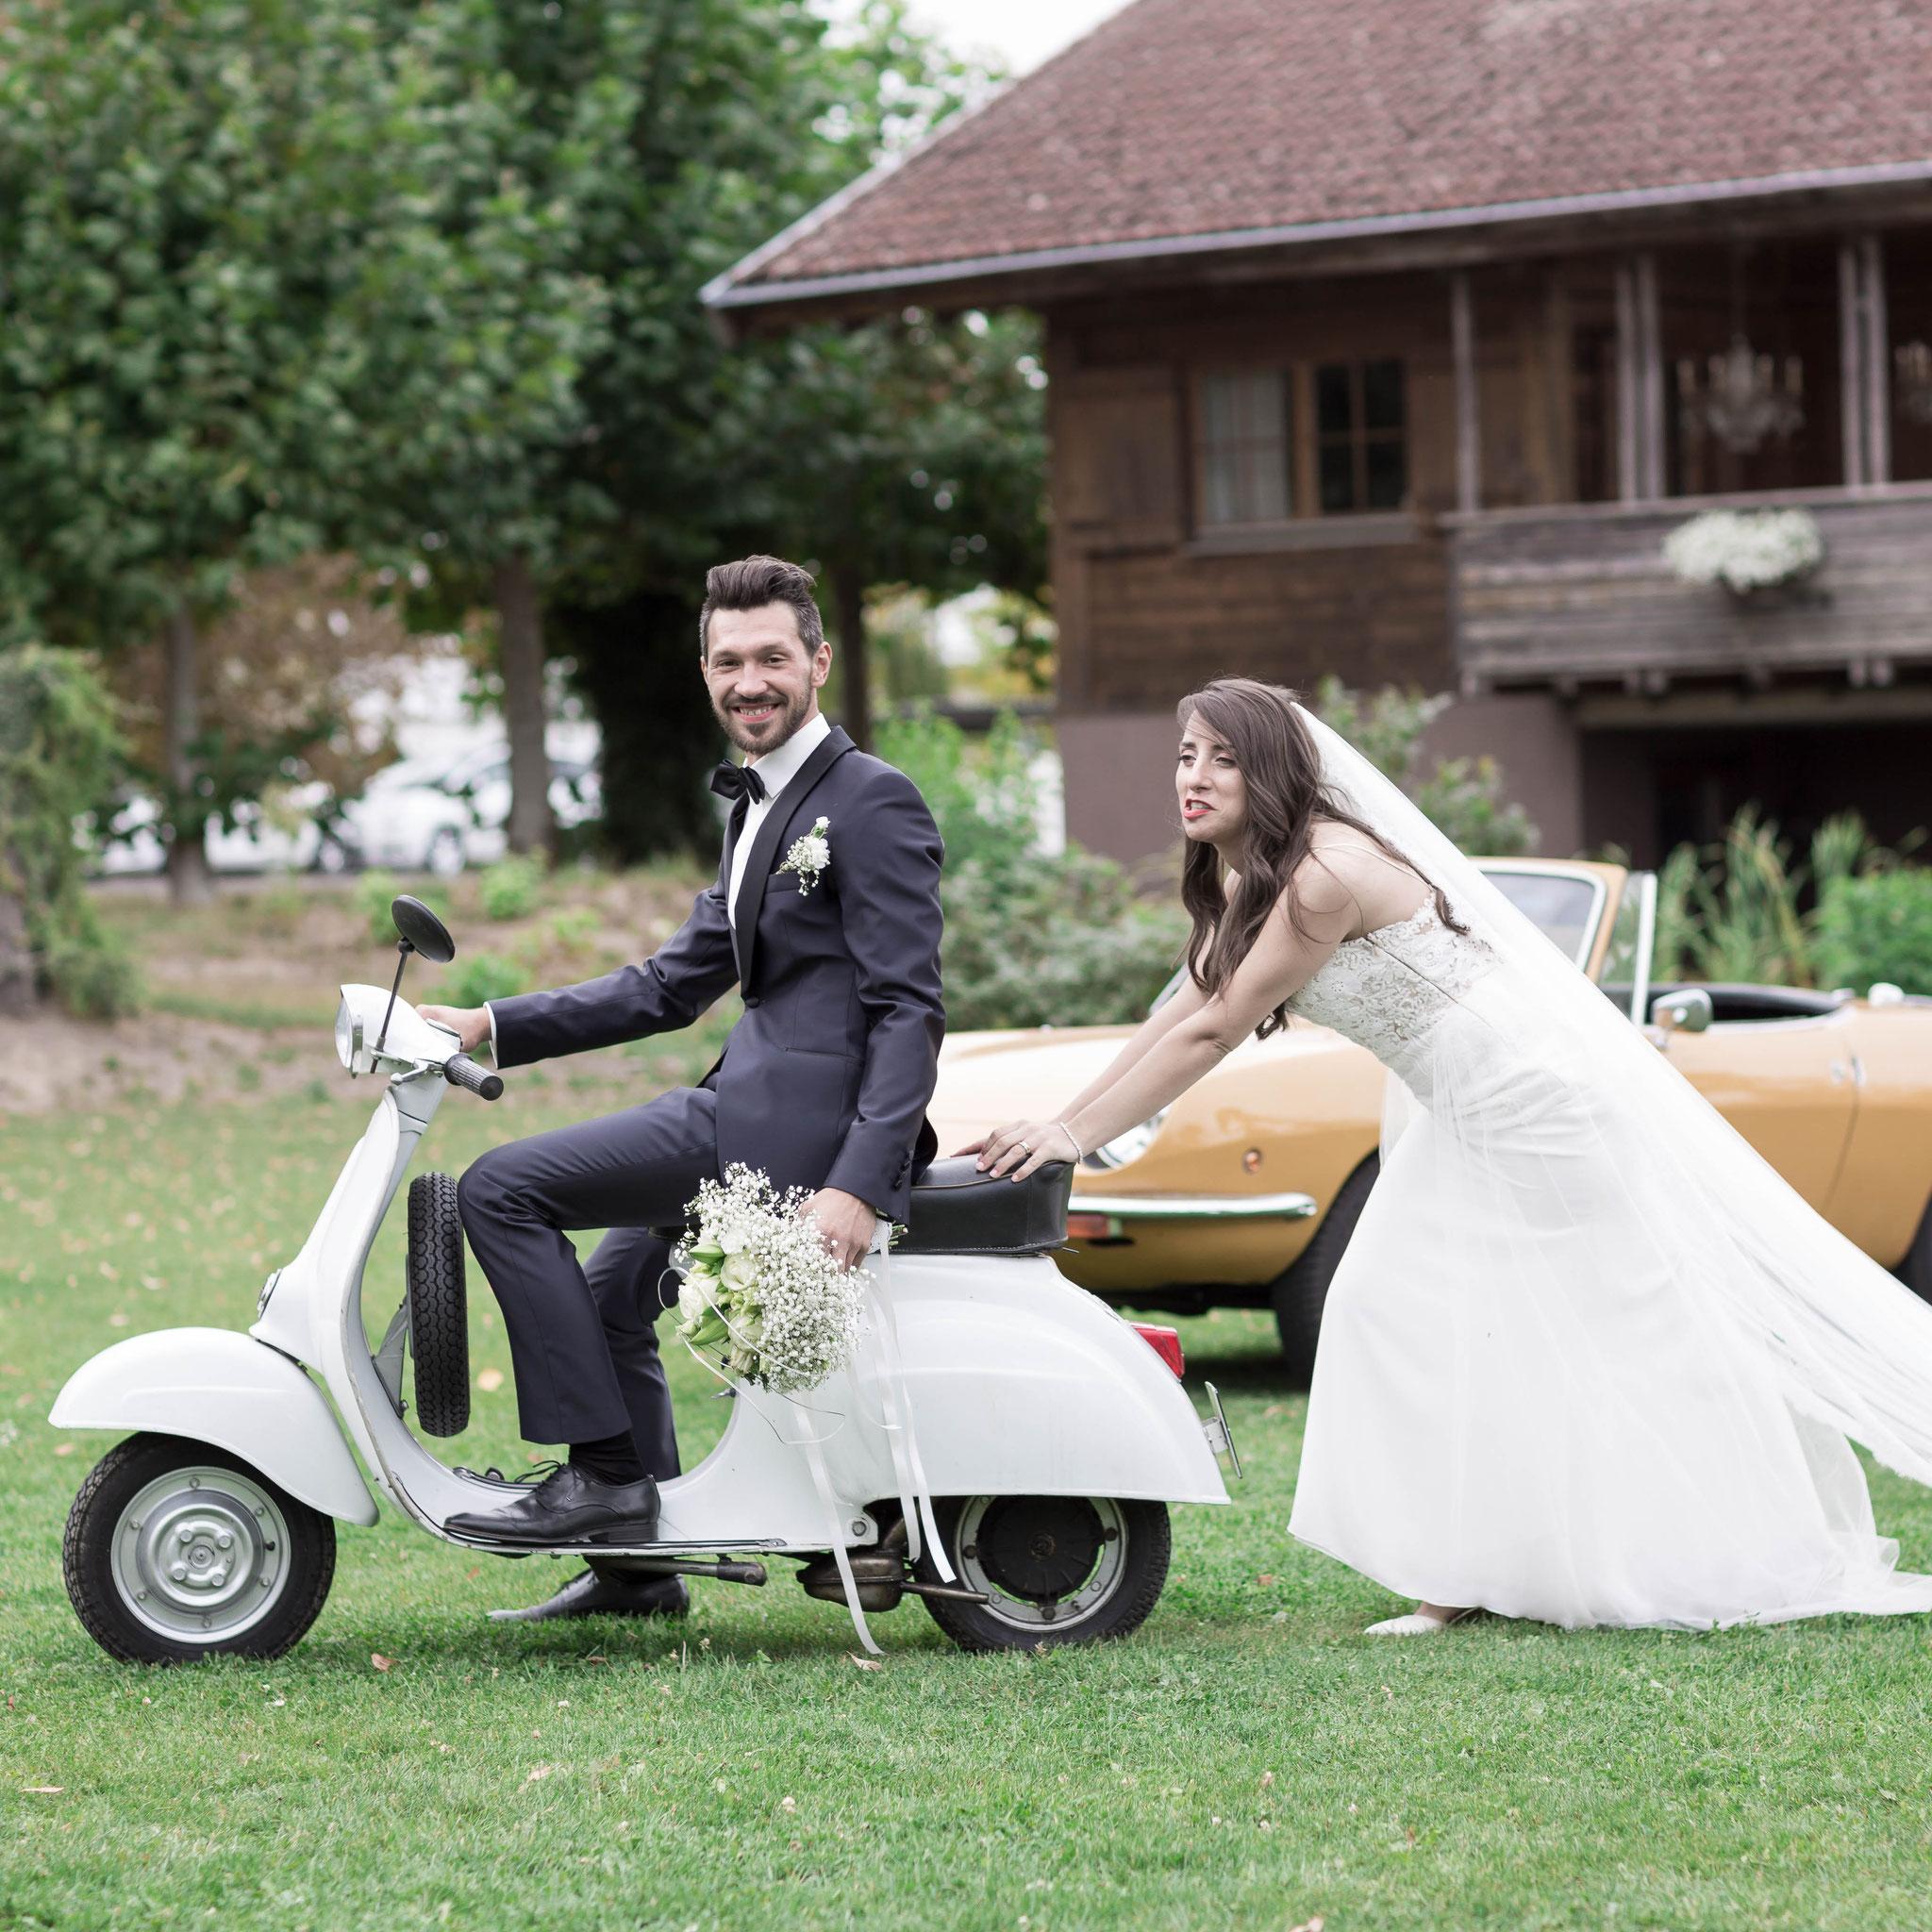 Fotograf für moderne russische Hochzeit in Saarbrücken